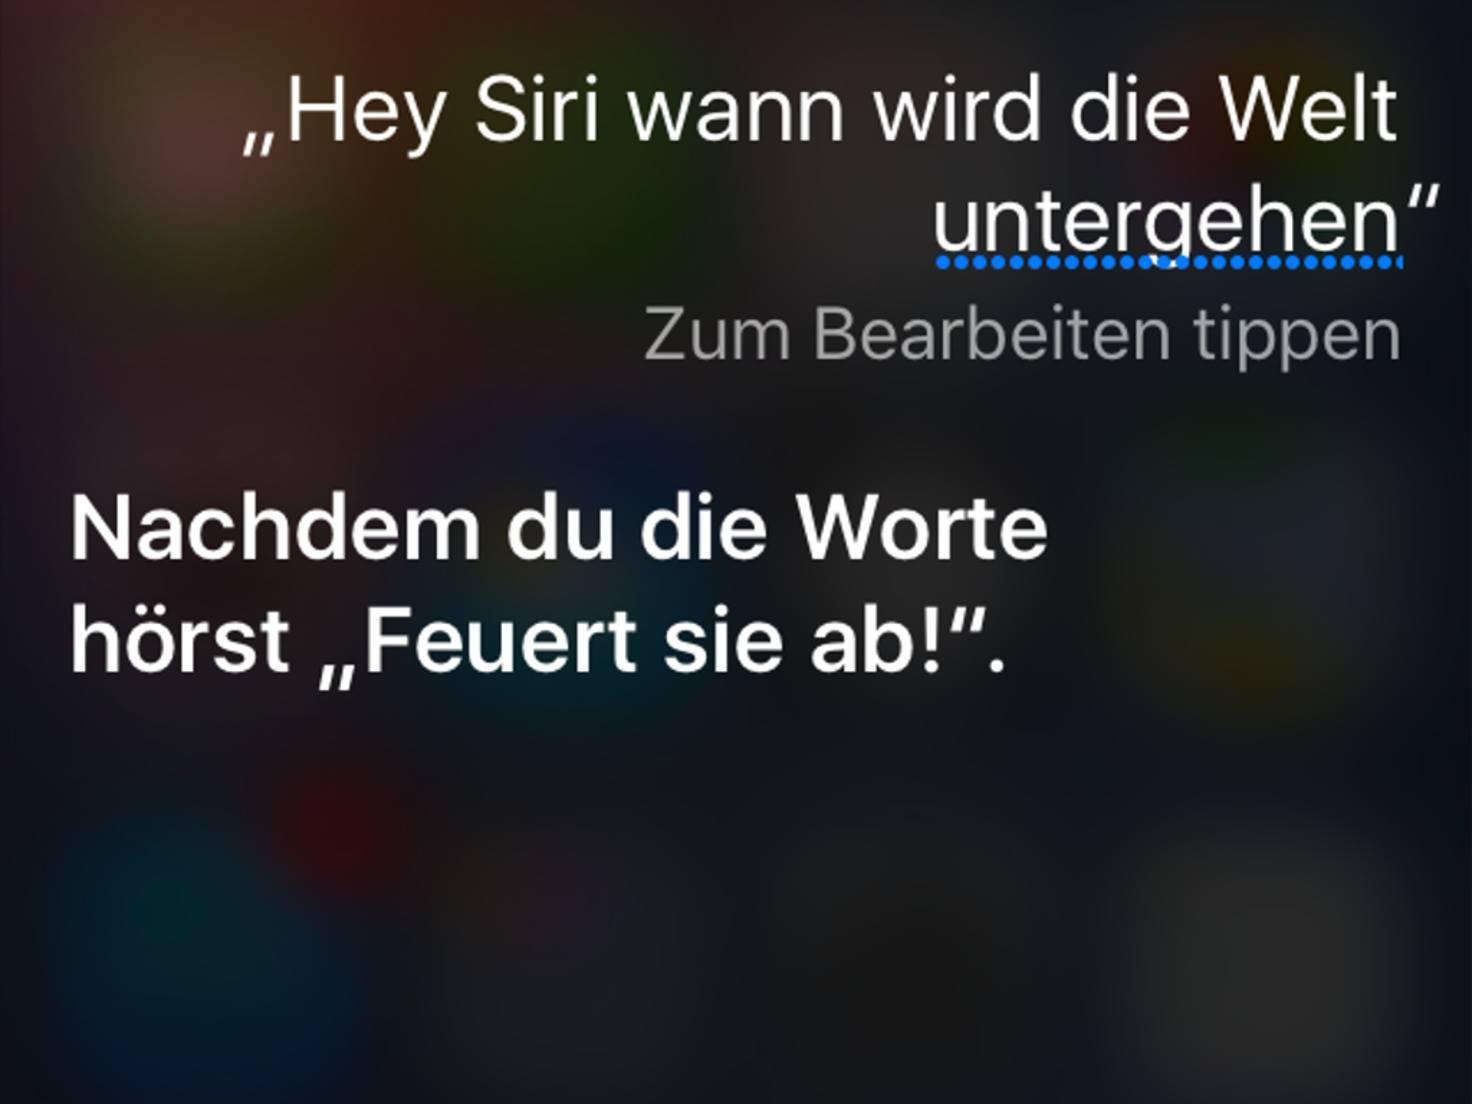 Siri_Weltuntergang